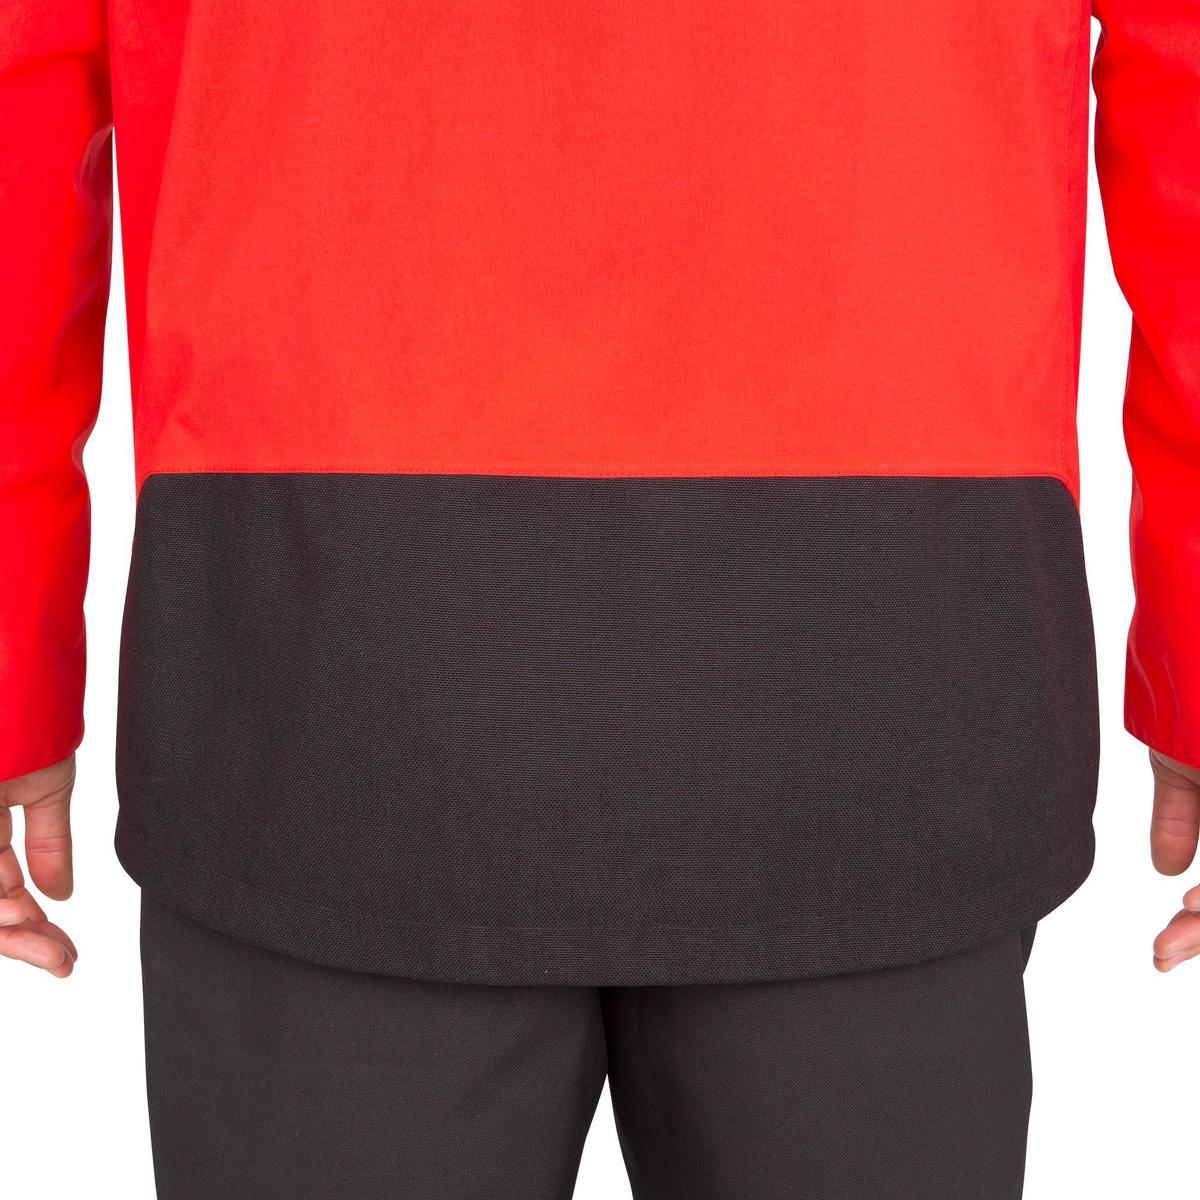 Bild 4 von Segeljacke wasserdicht 500 Herren rot